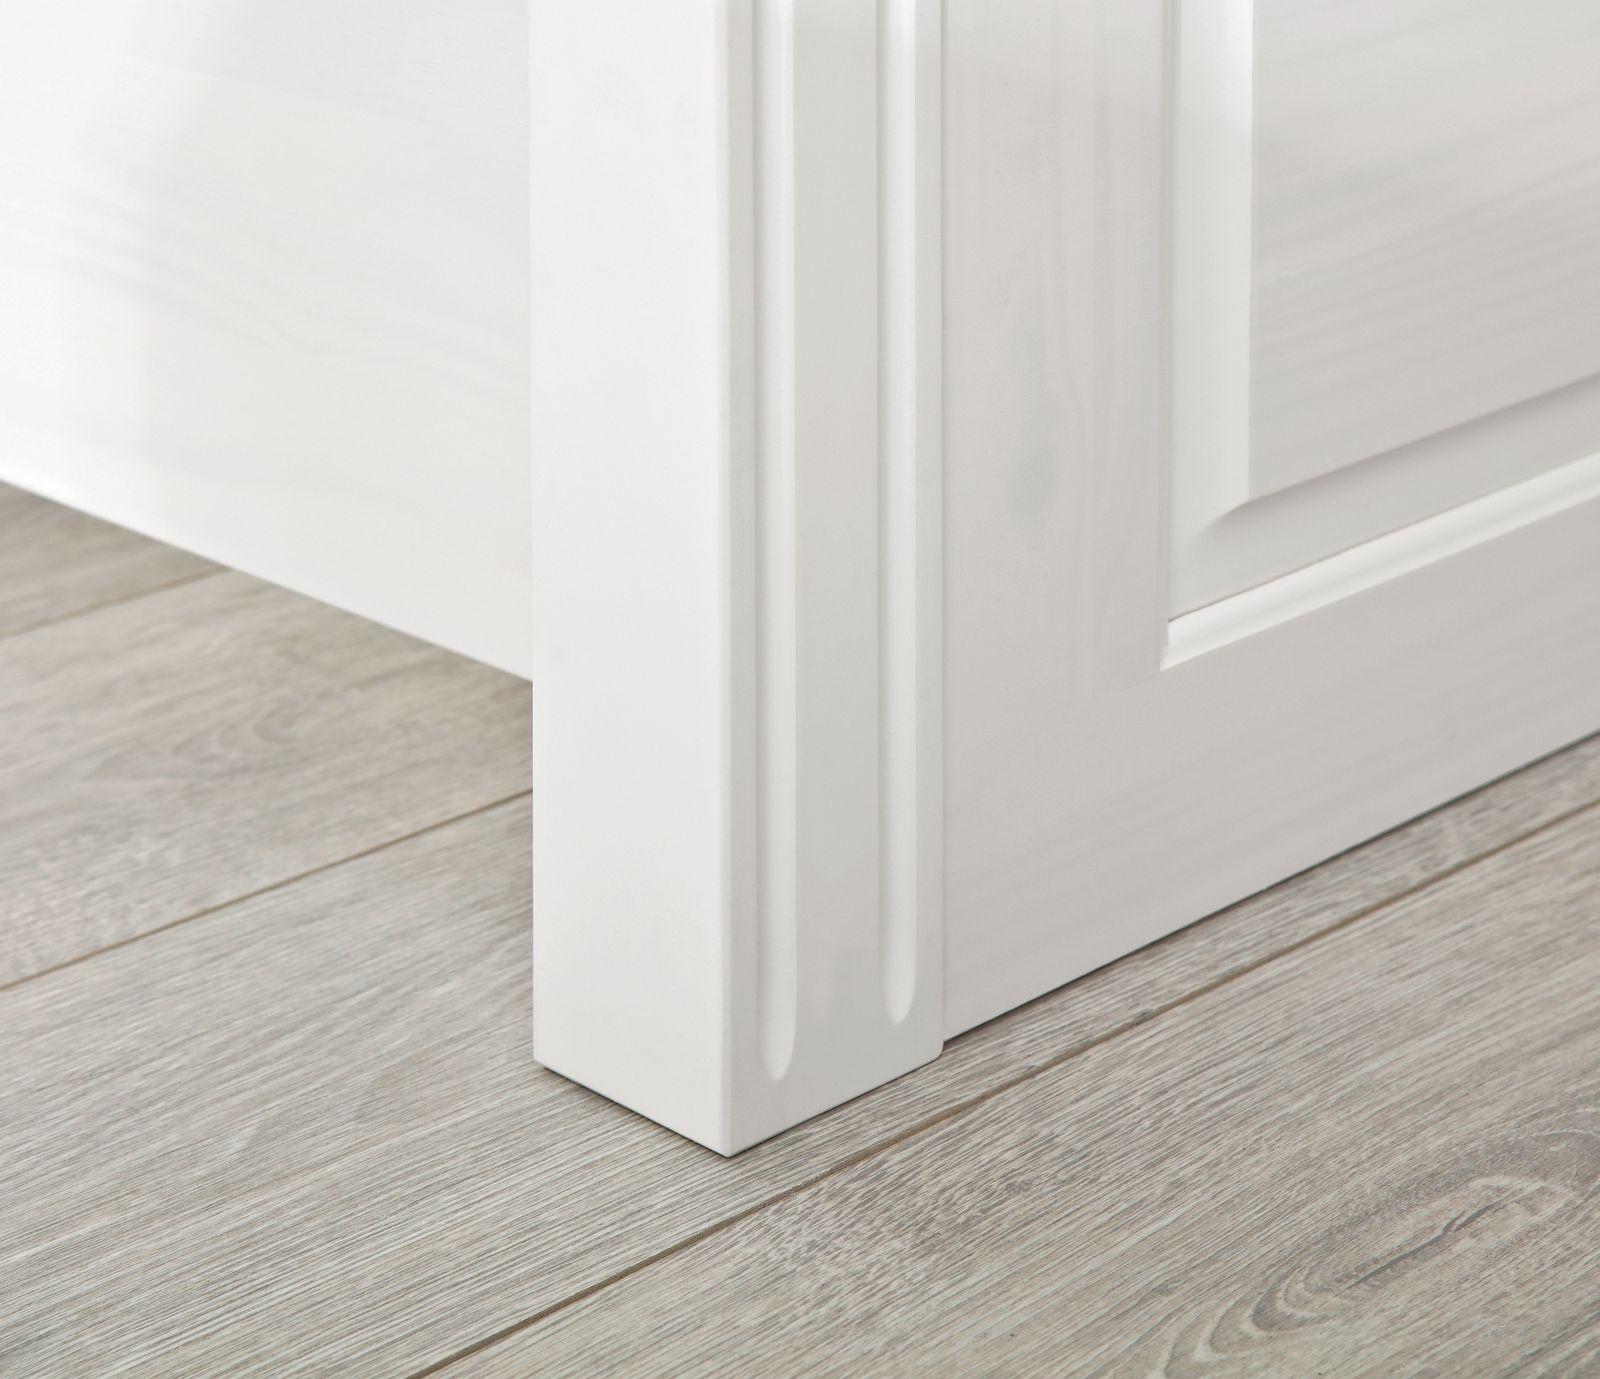 holzbett aus weiß lackierter kiefer im landhausstil - wien, Hause deko